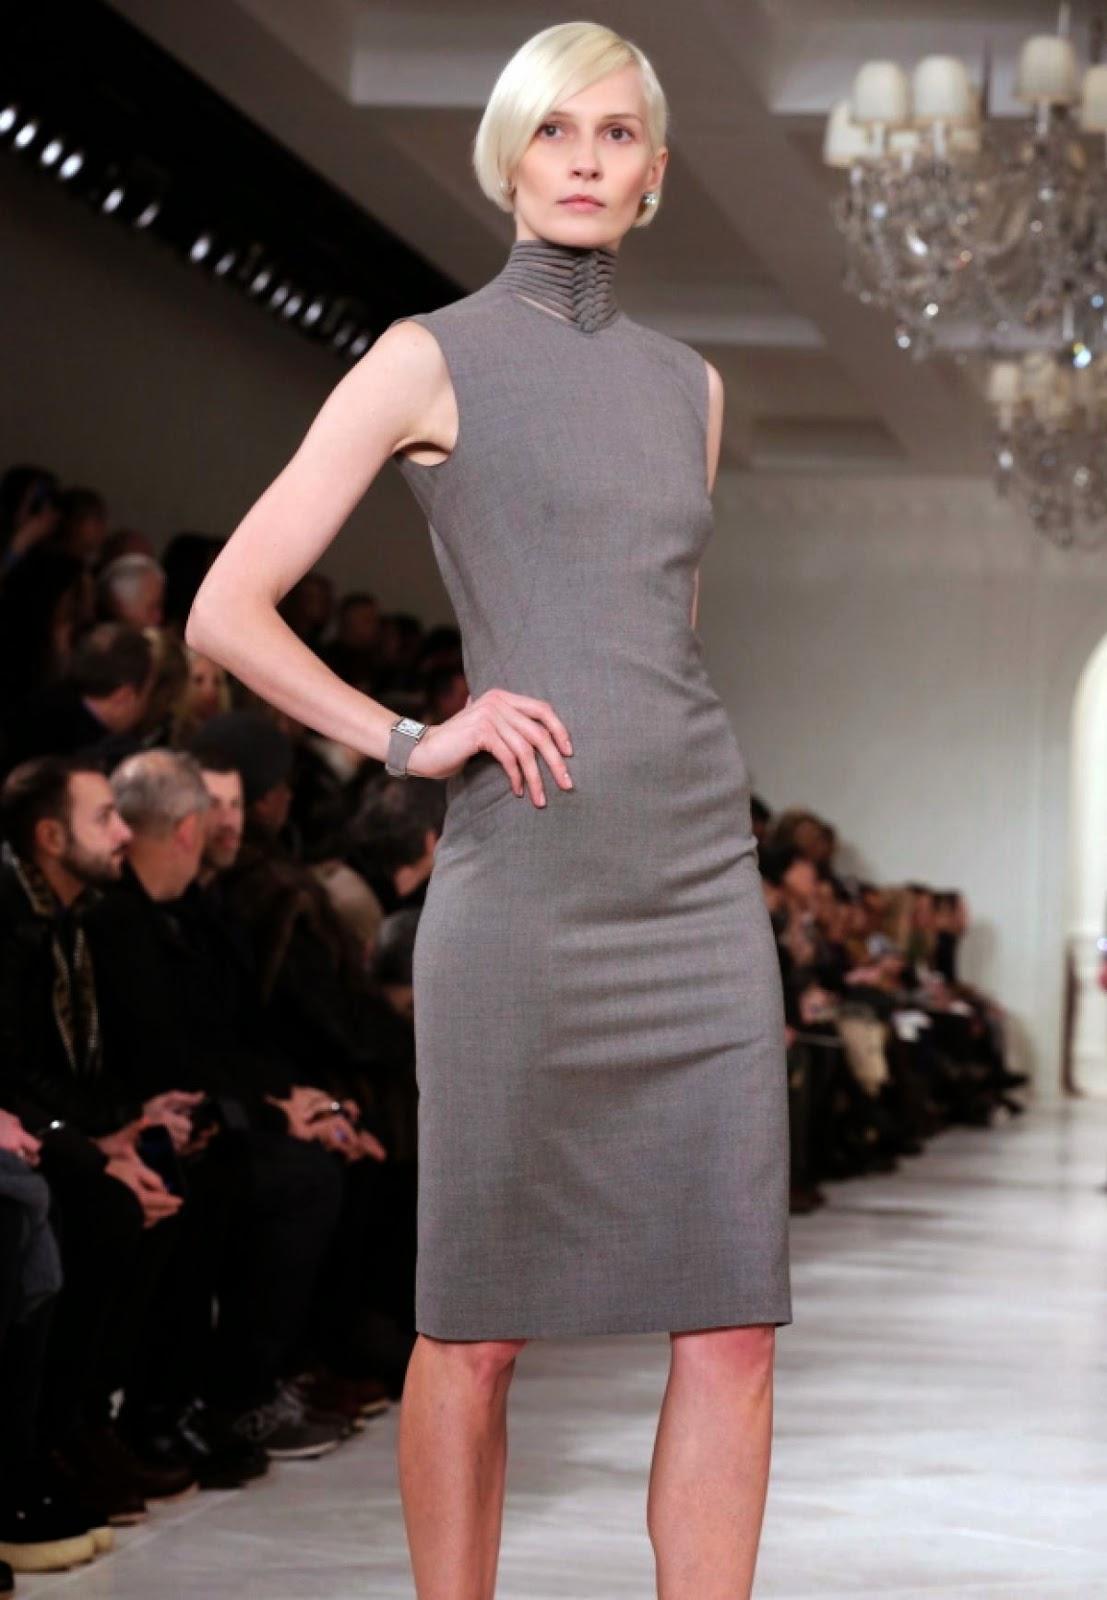 jurk Ralph Lauren prachtig bij het lichtblonde kapsel winter 2015